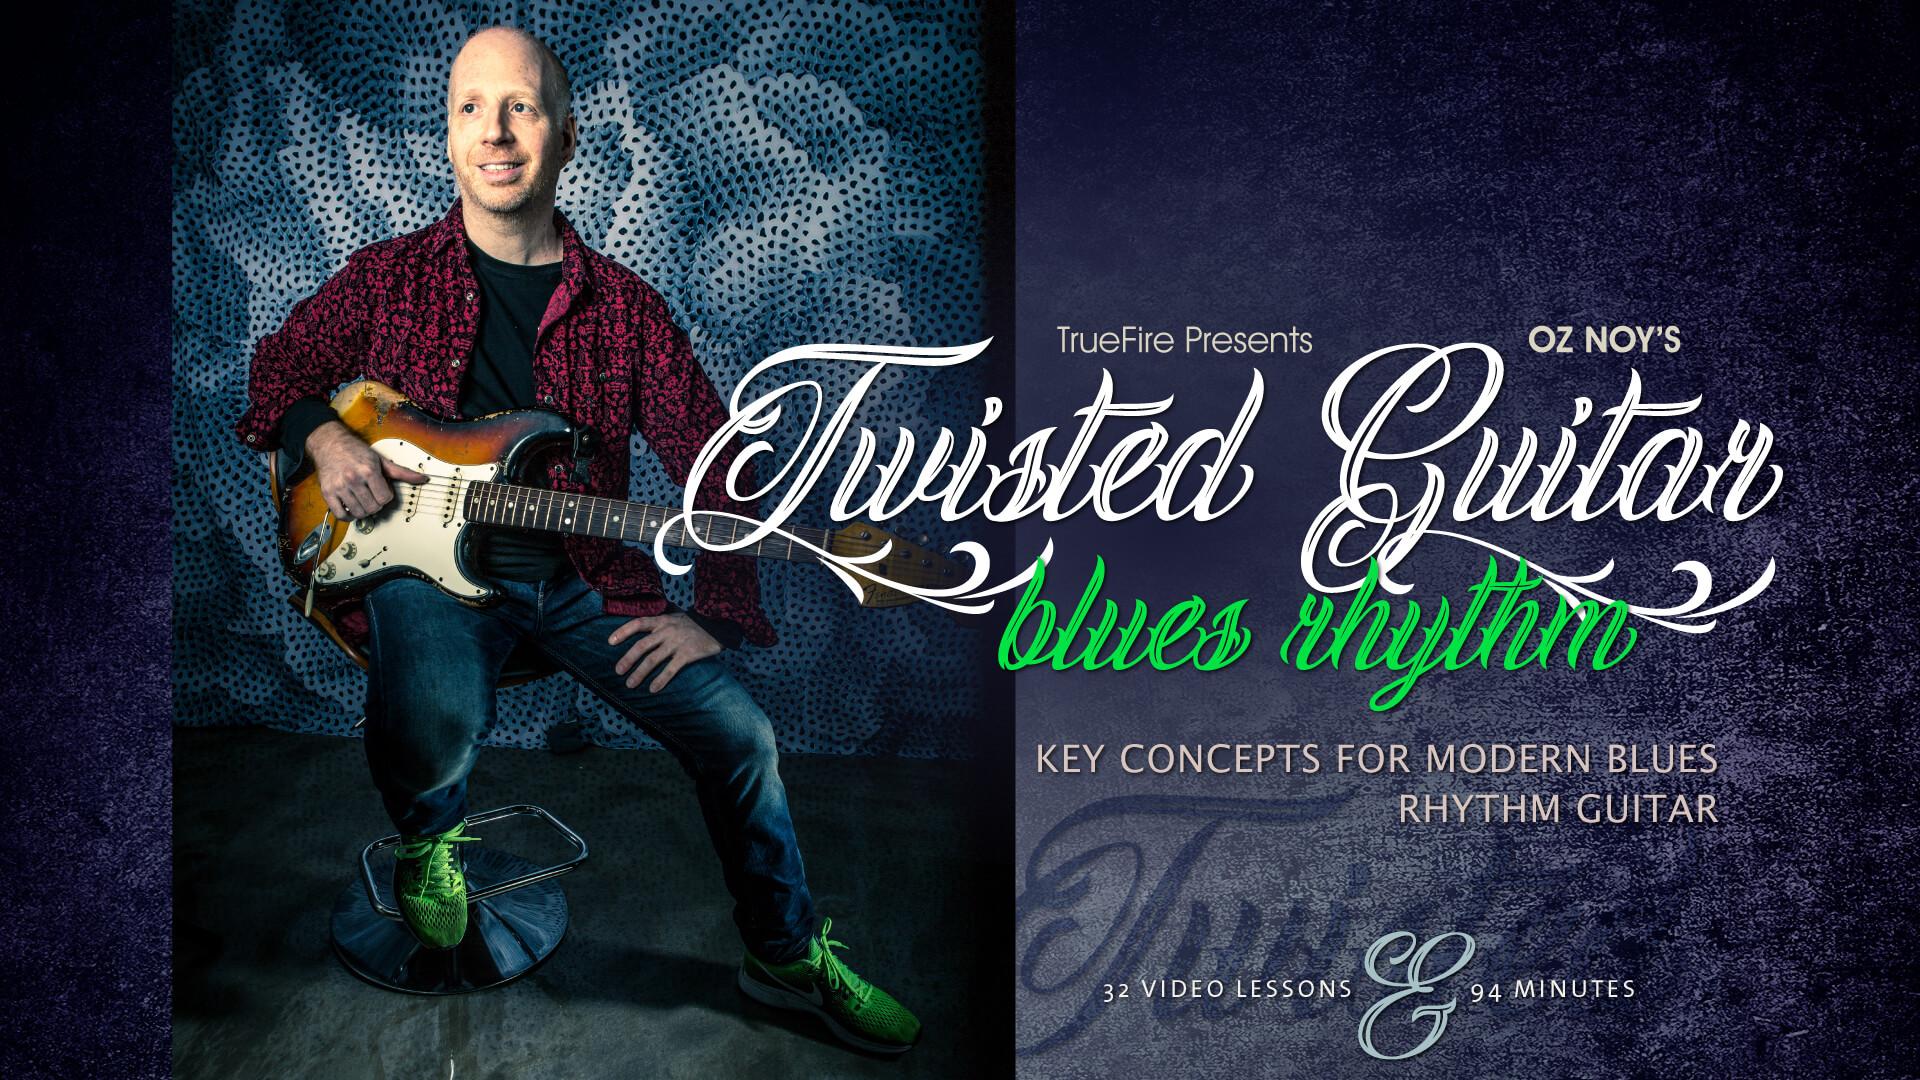 Twisted Guitar: Blues Rhythm - Guitar Lessons - Oz Noy - TrueFire